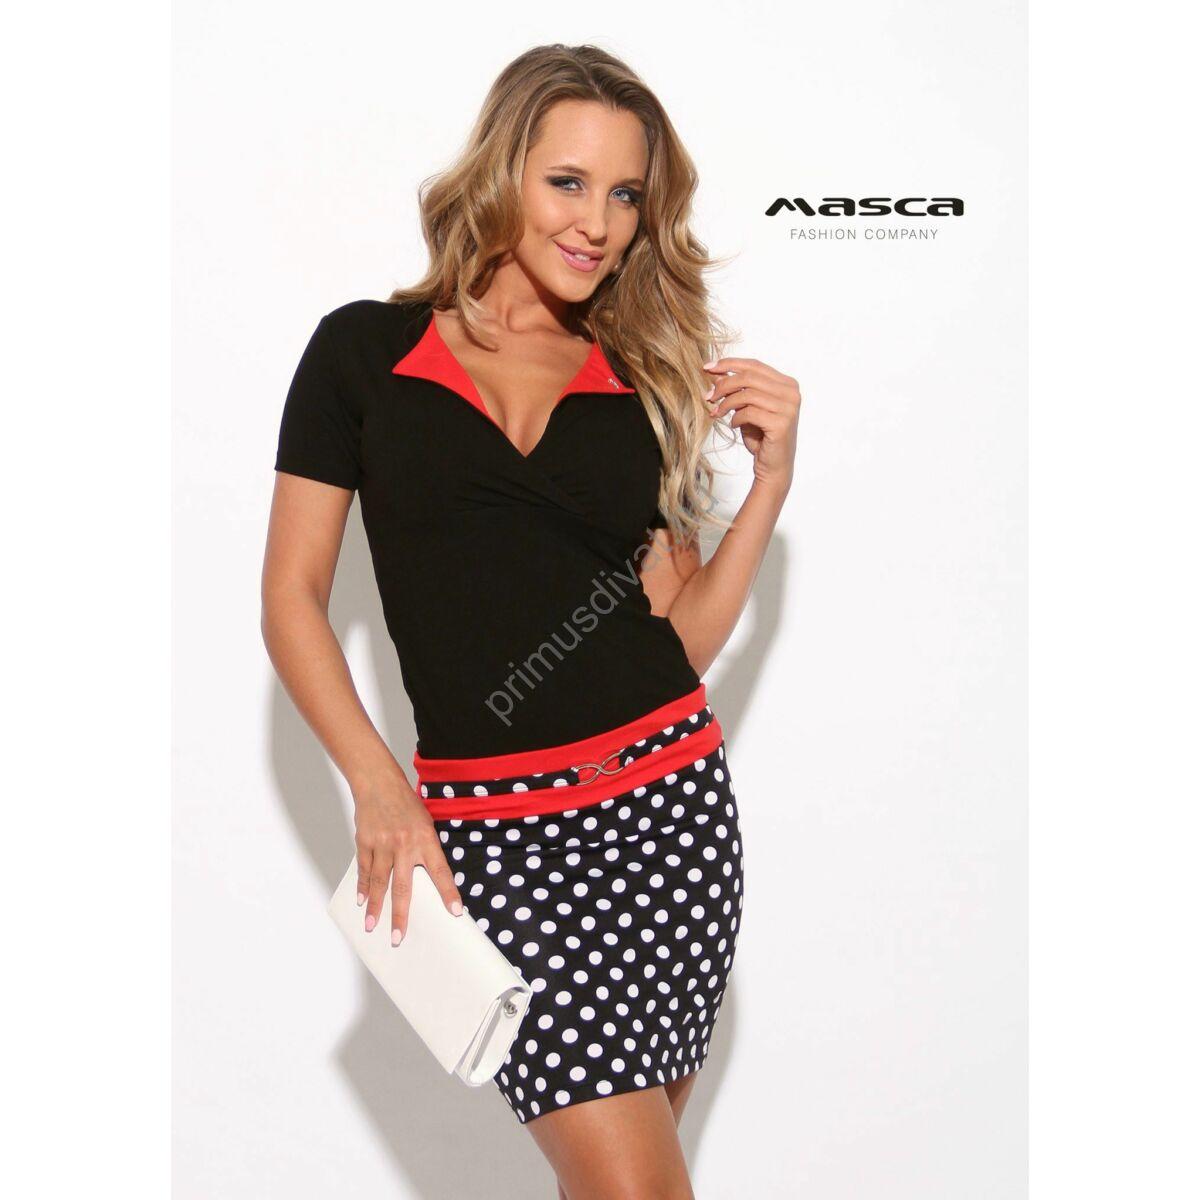 92941616a51a Kép 1/1 - Masca Fashion piros betétes kihajtós galléros fekete, fehér  pöttyös szoknyarészű rövid ujjú miniruha, ékszerkapcsos övpánttal